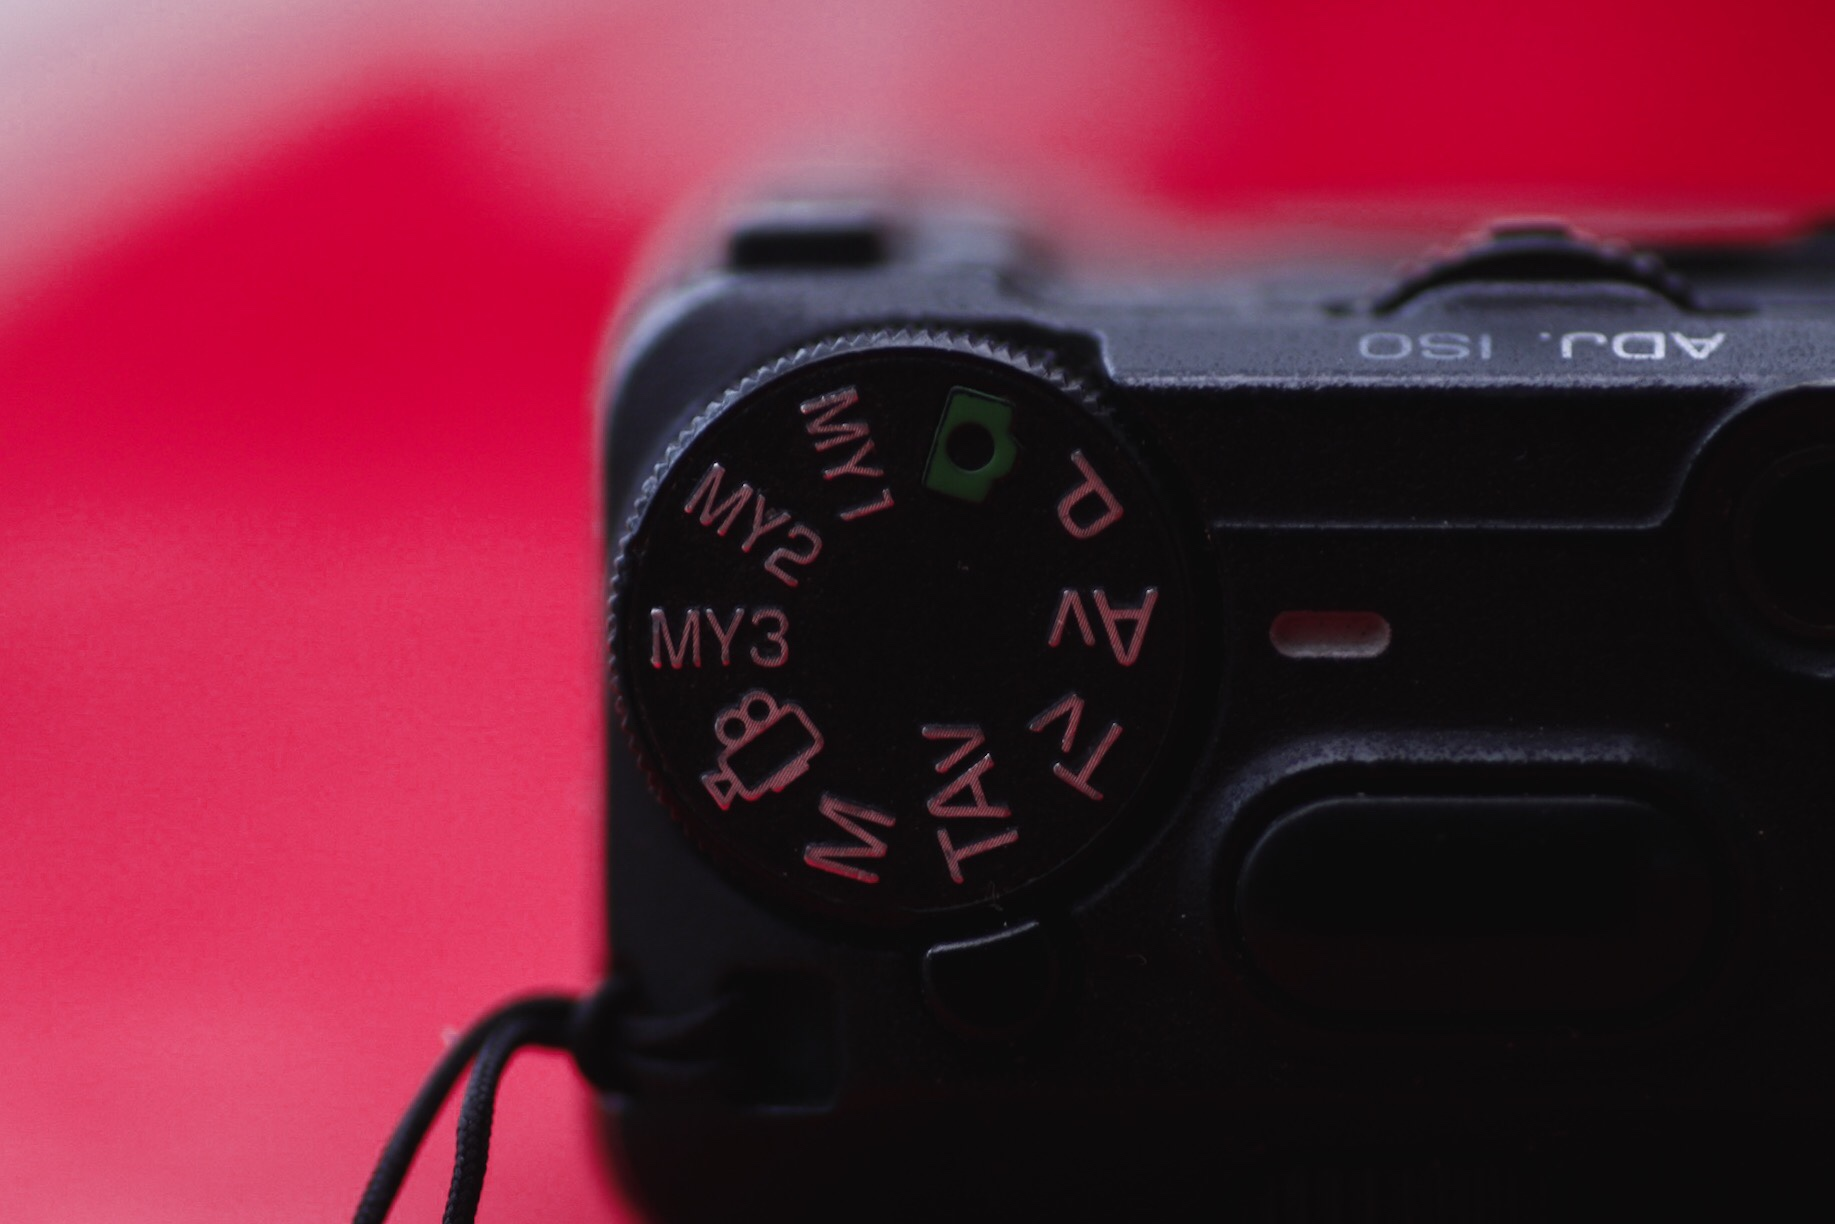 インスタストーリーズ、モード切り替えがカメラみたいなダイヤル式に?Instagram新機能・アップデート最新情報2019